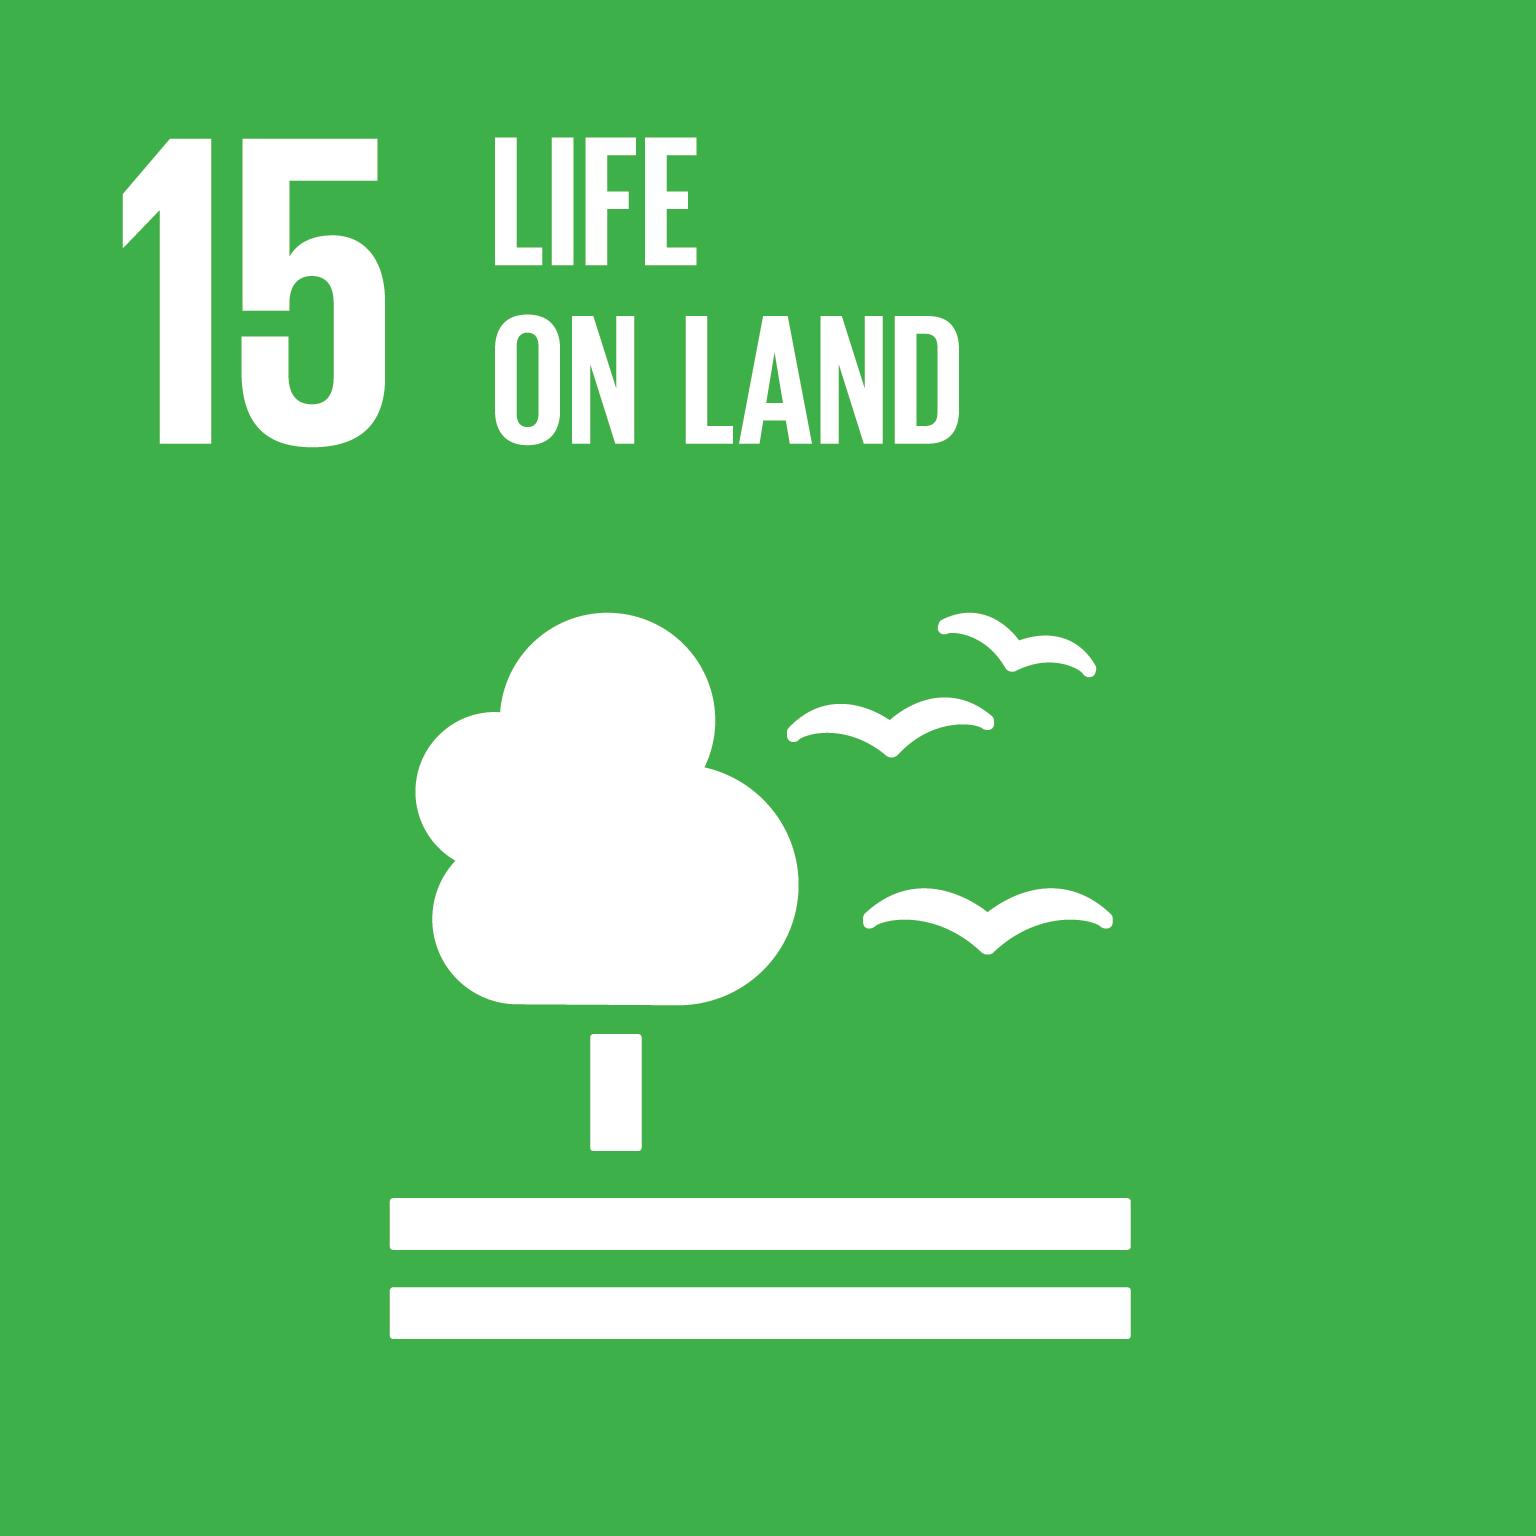 SDG Goal #15 Life on Land